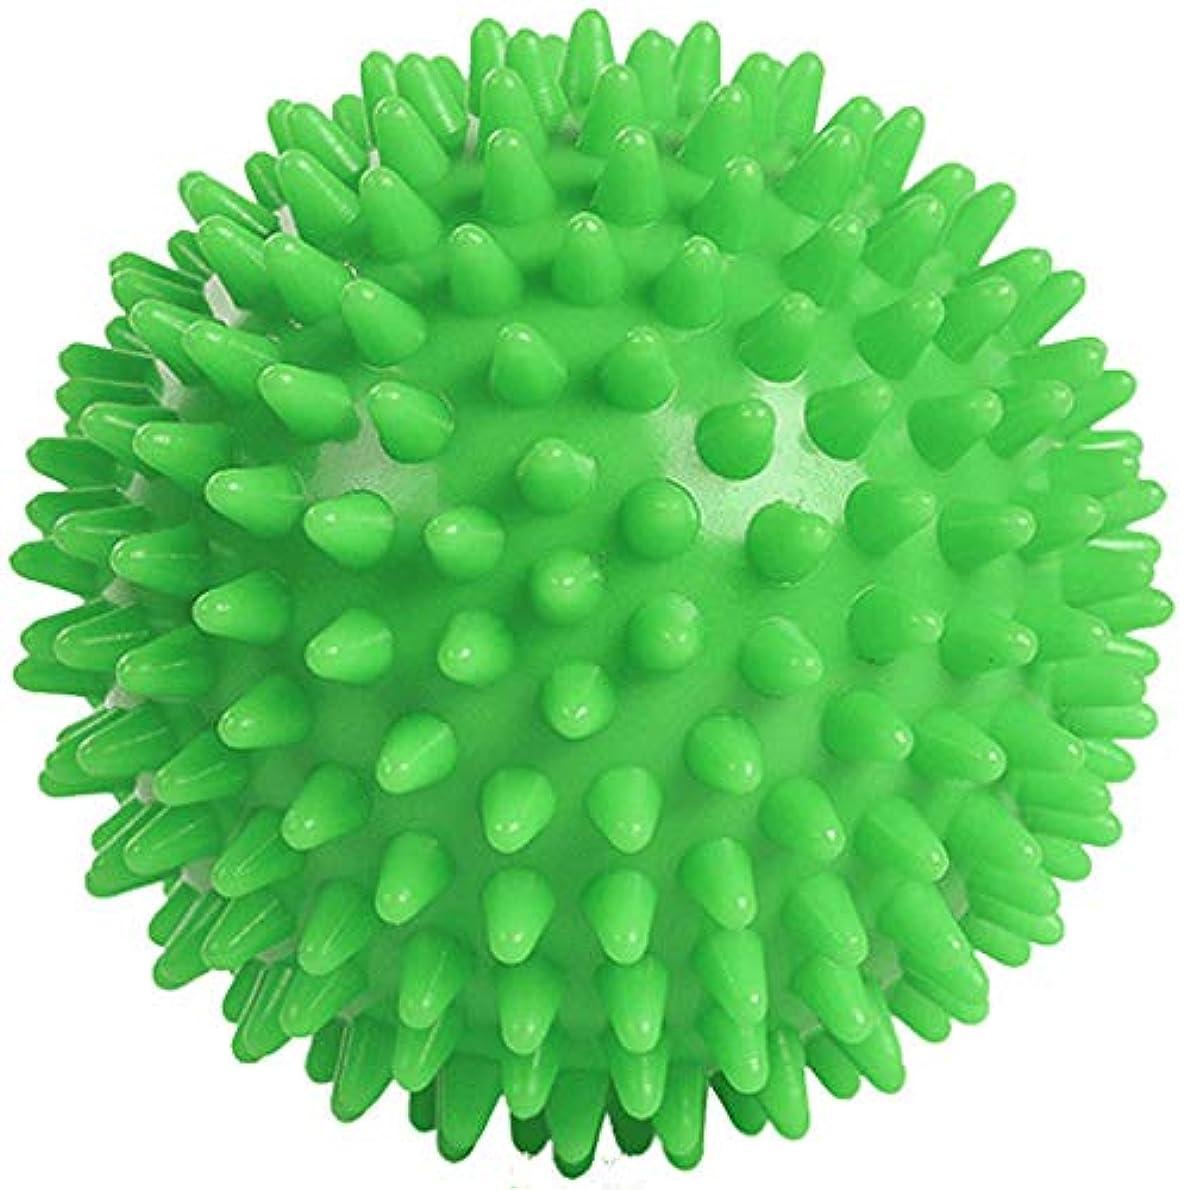 強います意図する内訳Arichops リフレックスボール 触覚ボール 足裏手 背中のマッサージボール リハビリ マッサージ用 血液循環促進 筋肉緊張 圧迫で解きほぐす 【純正品】